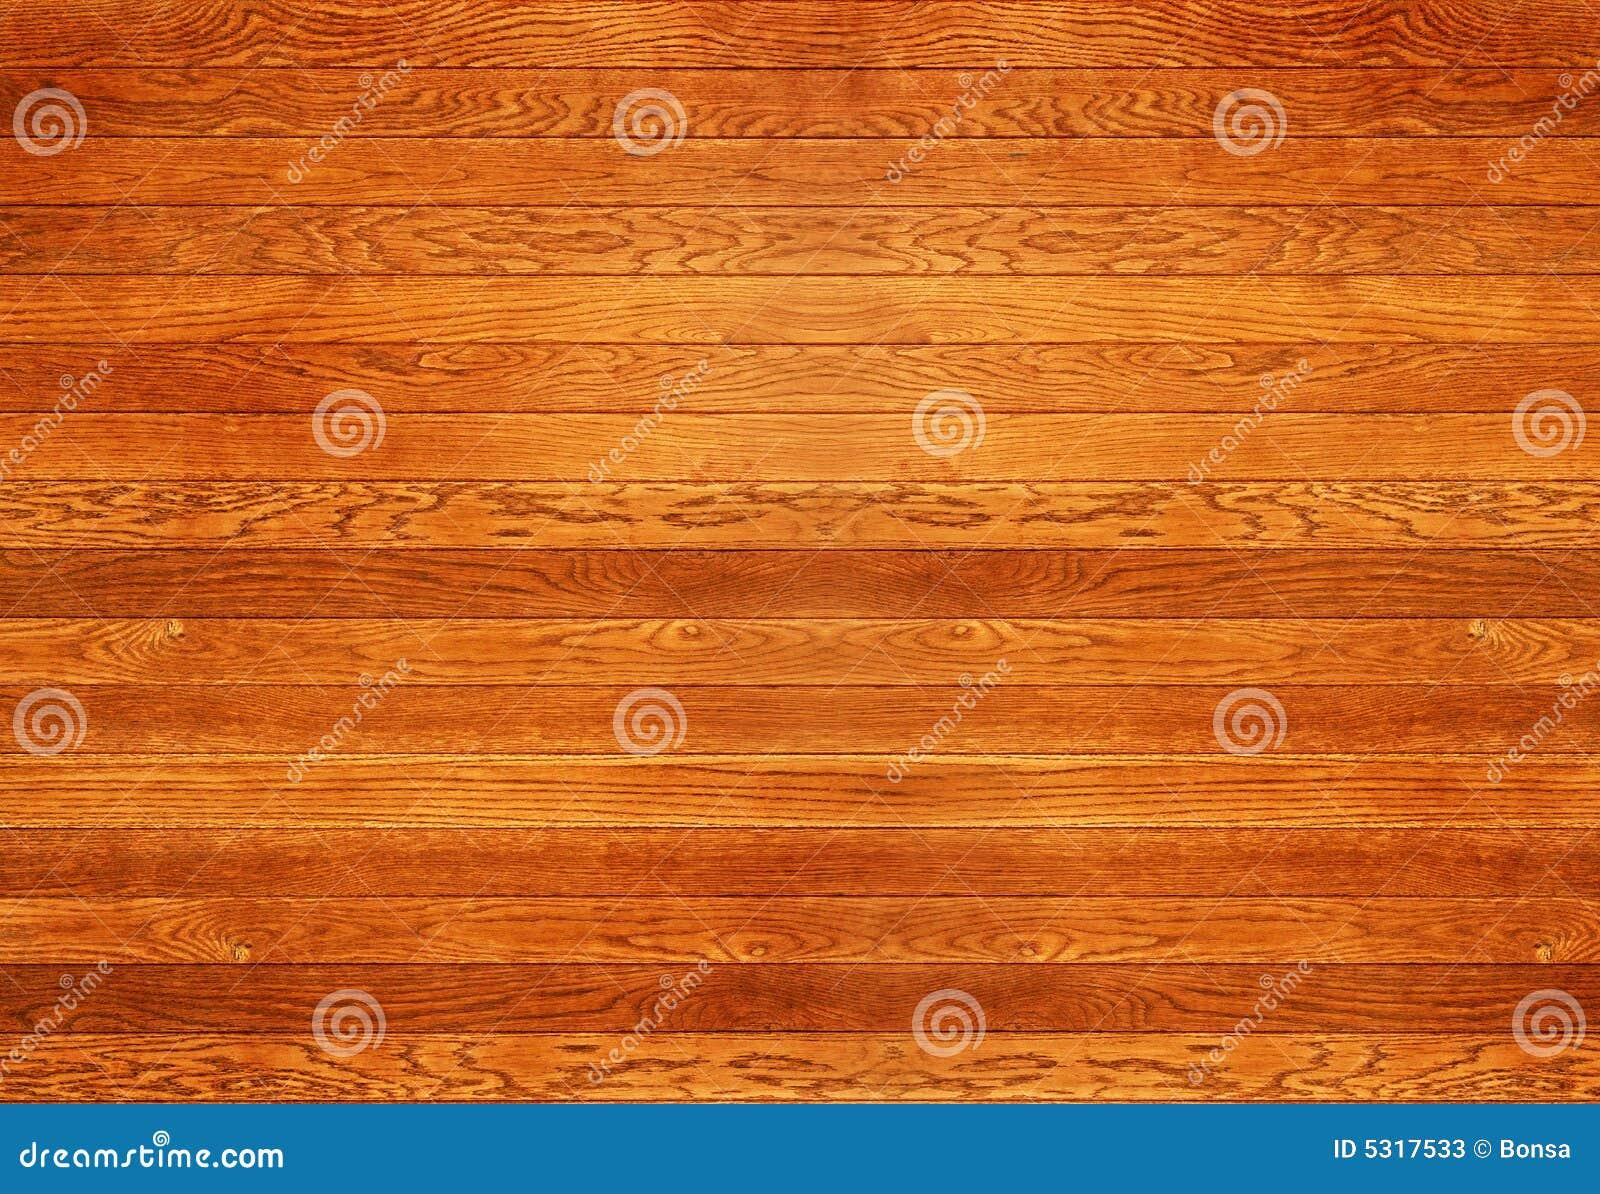 Download Plance di legno immagine stock. Immagine di rough, nave - 5317533